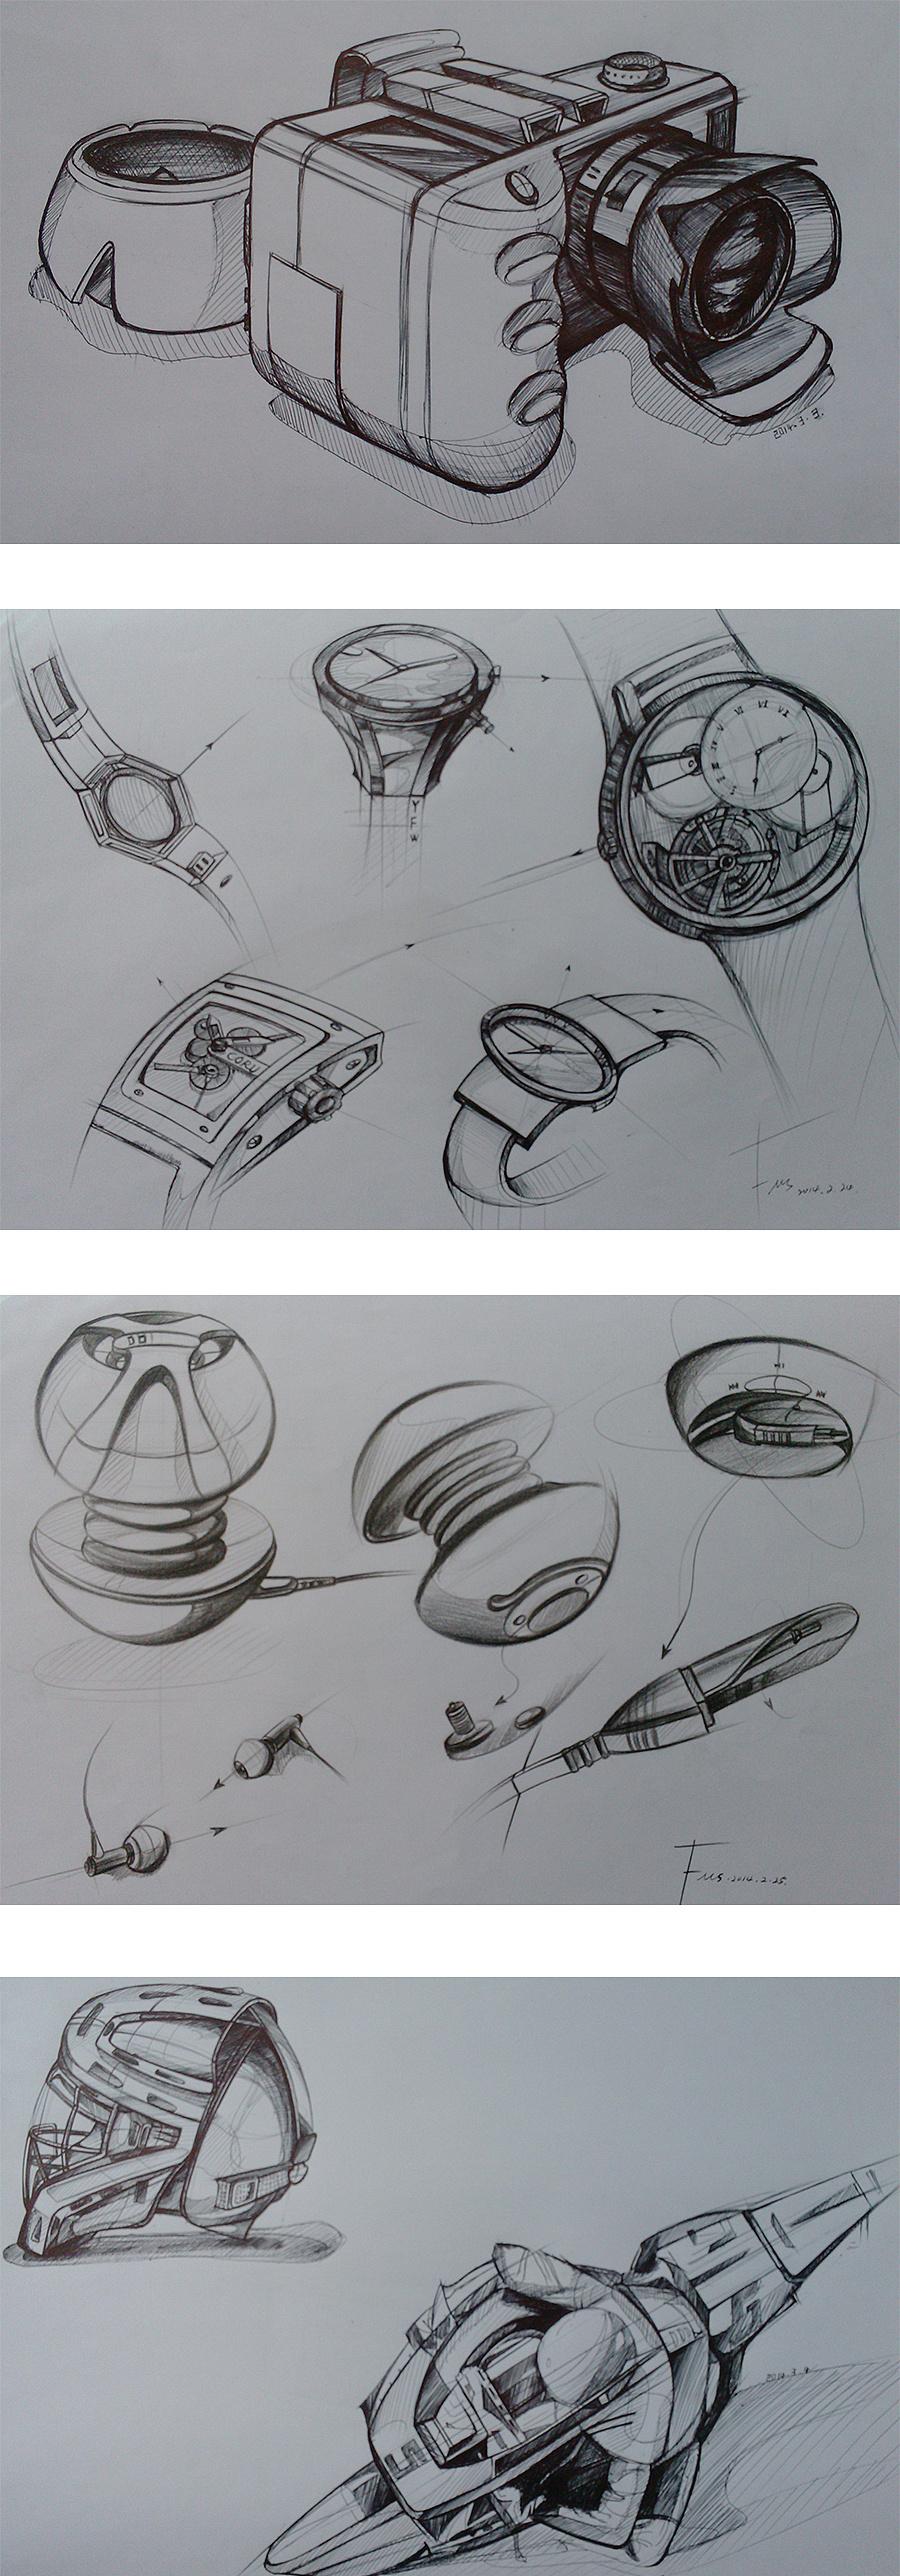 工业设计手绘|工业/产品|其他工业/产品|付小思